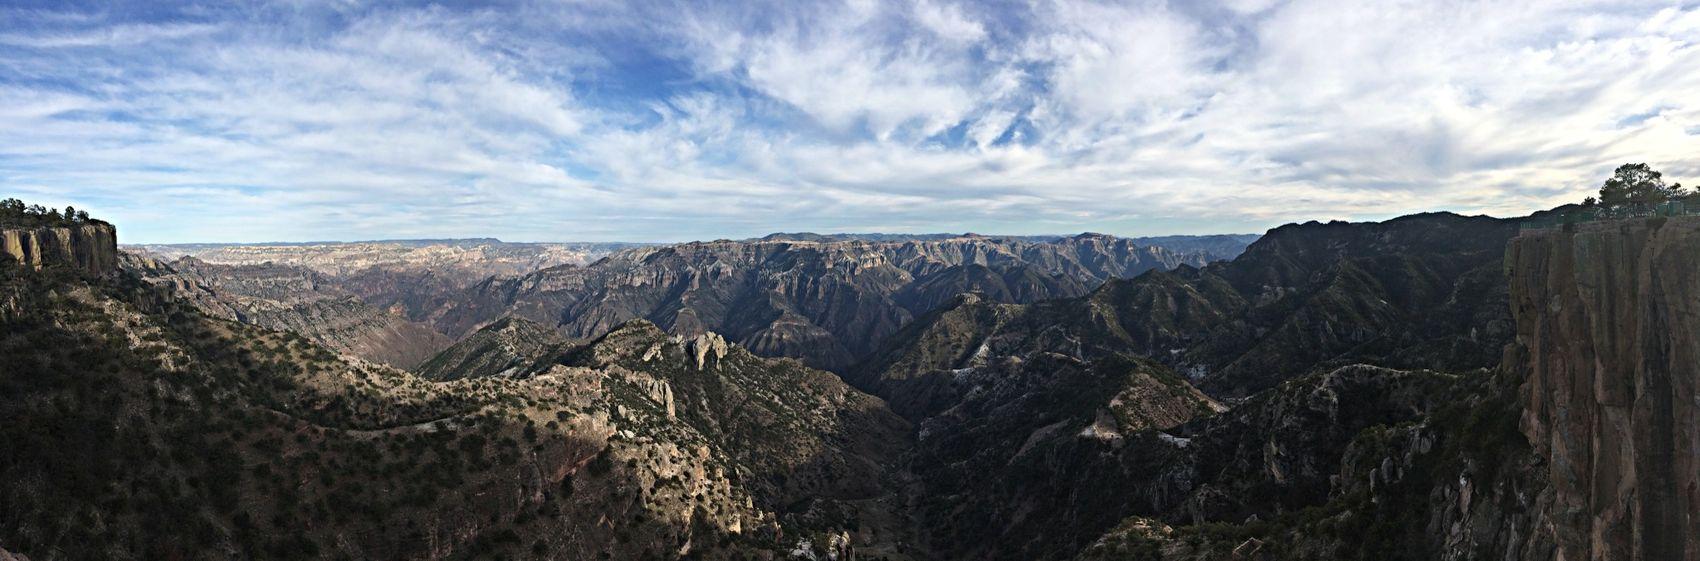 Barranca del Cobre. Areponapuchi, Chihuahua. Nature Barrancas Del Cobre  #landscape #nature #photography Landscape